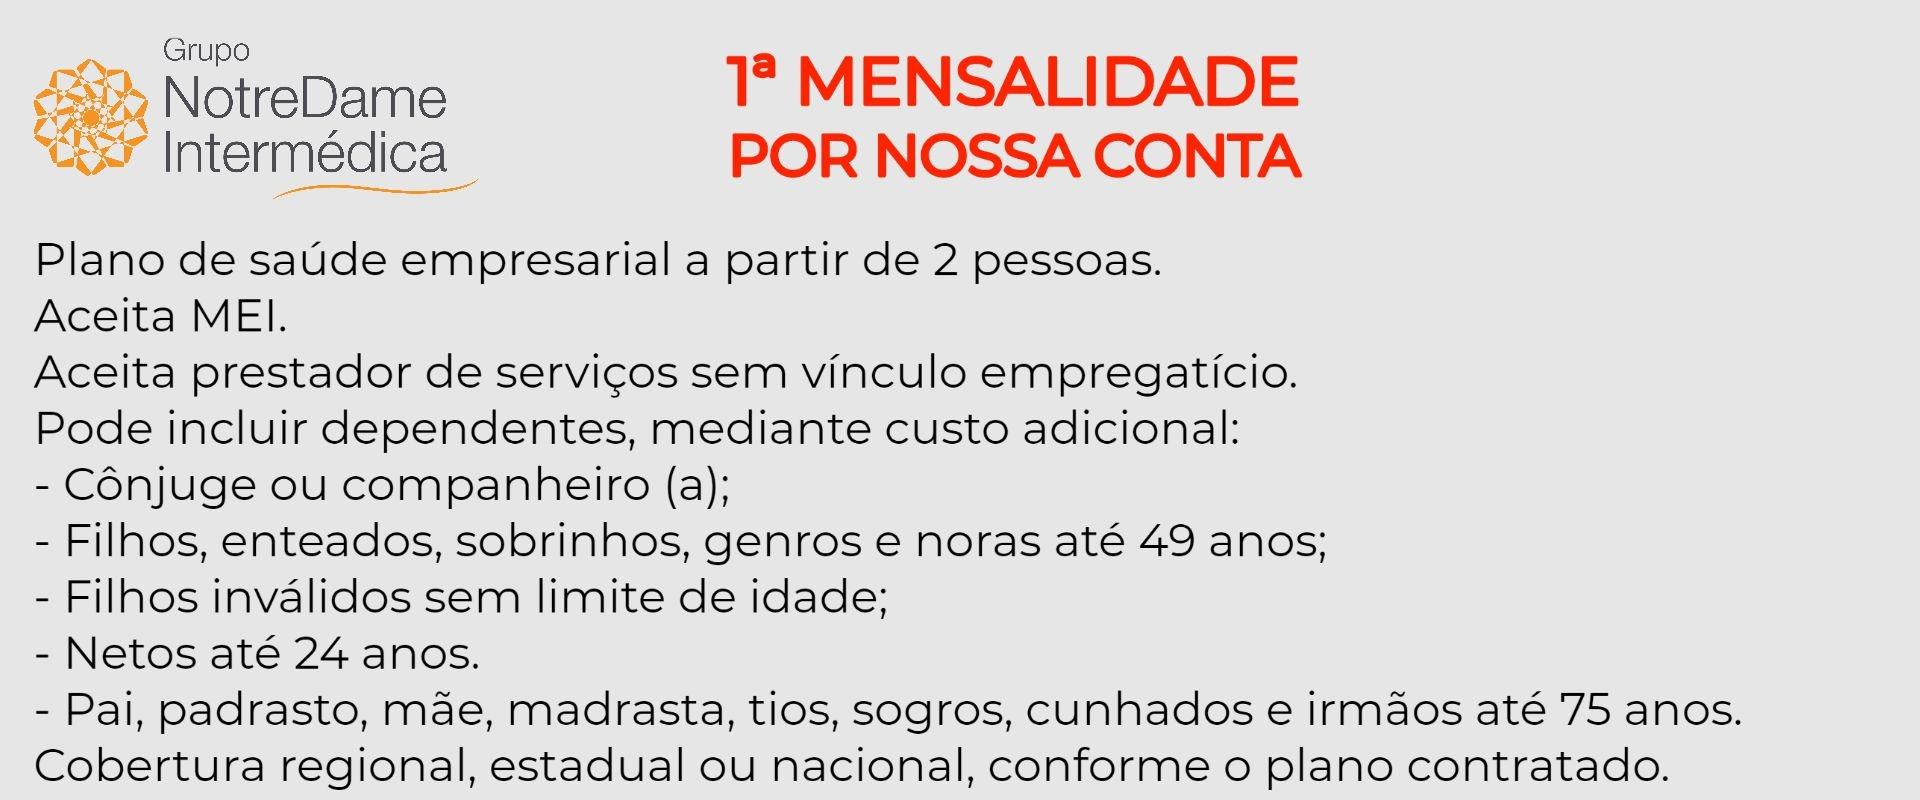 GNDI - Grupo Notredame Intermédica Empresarial em Diadema